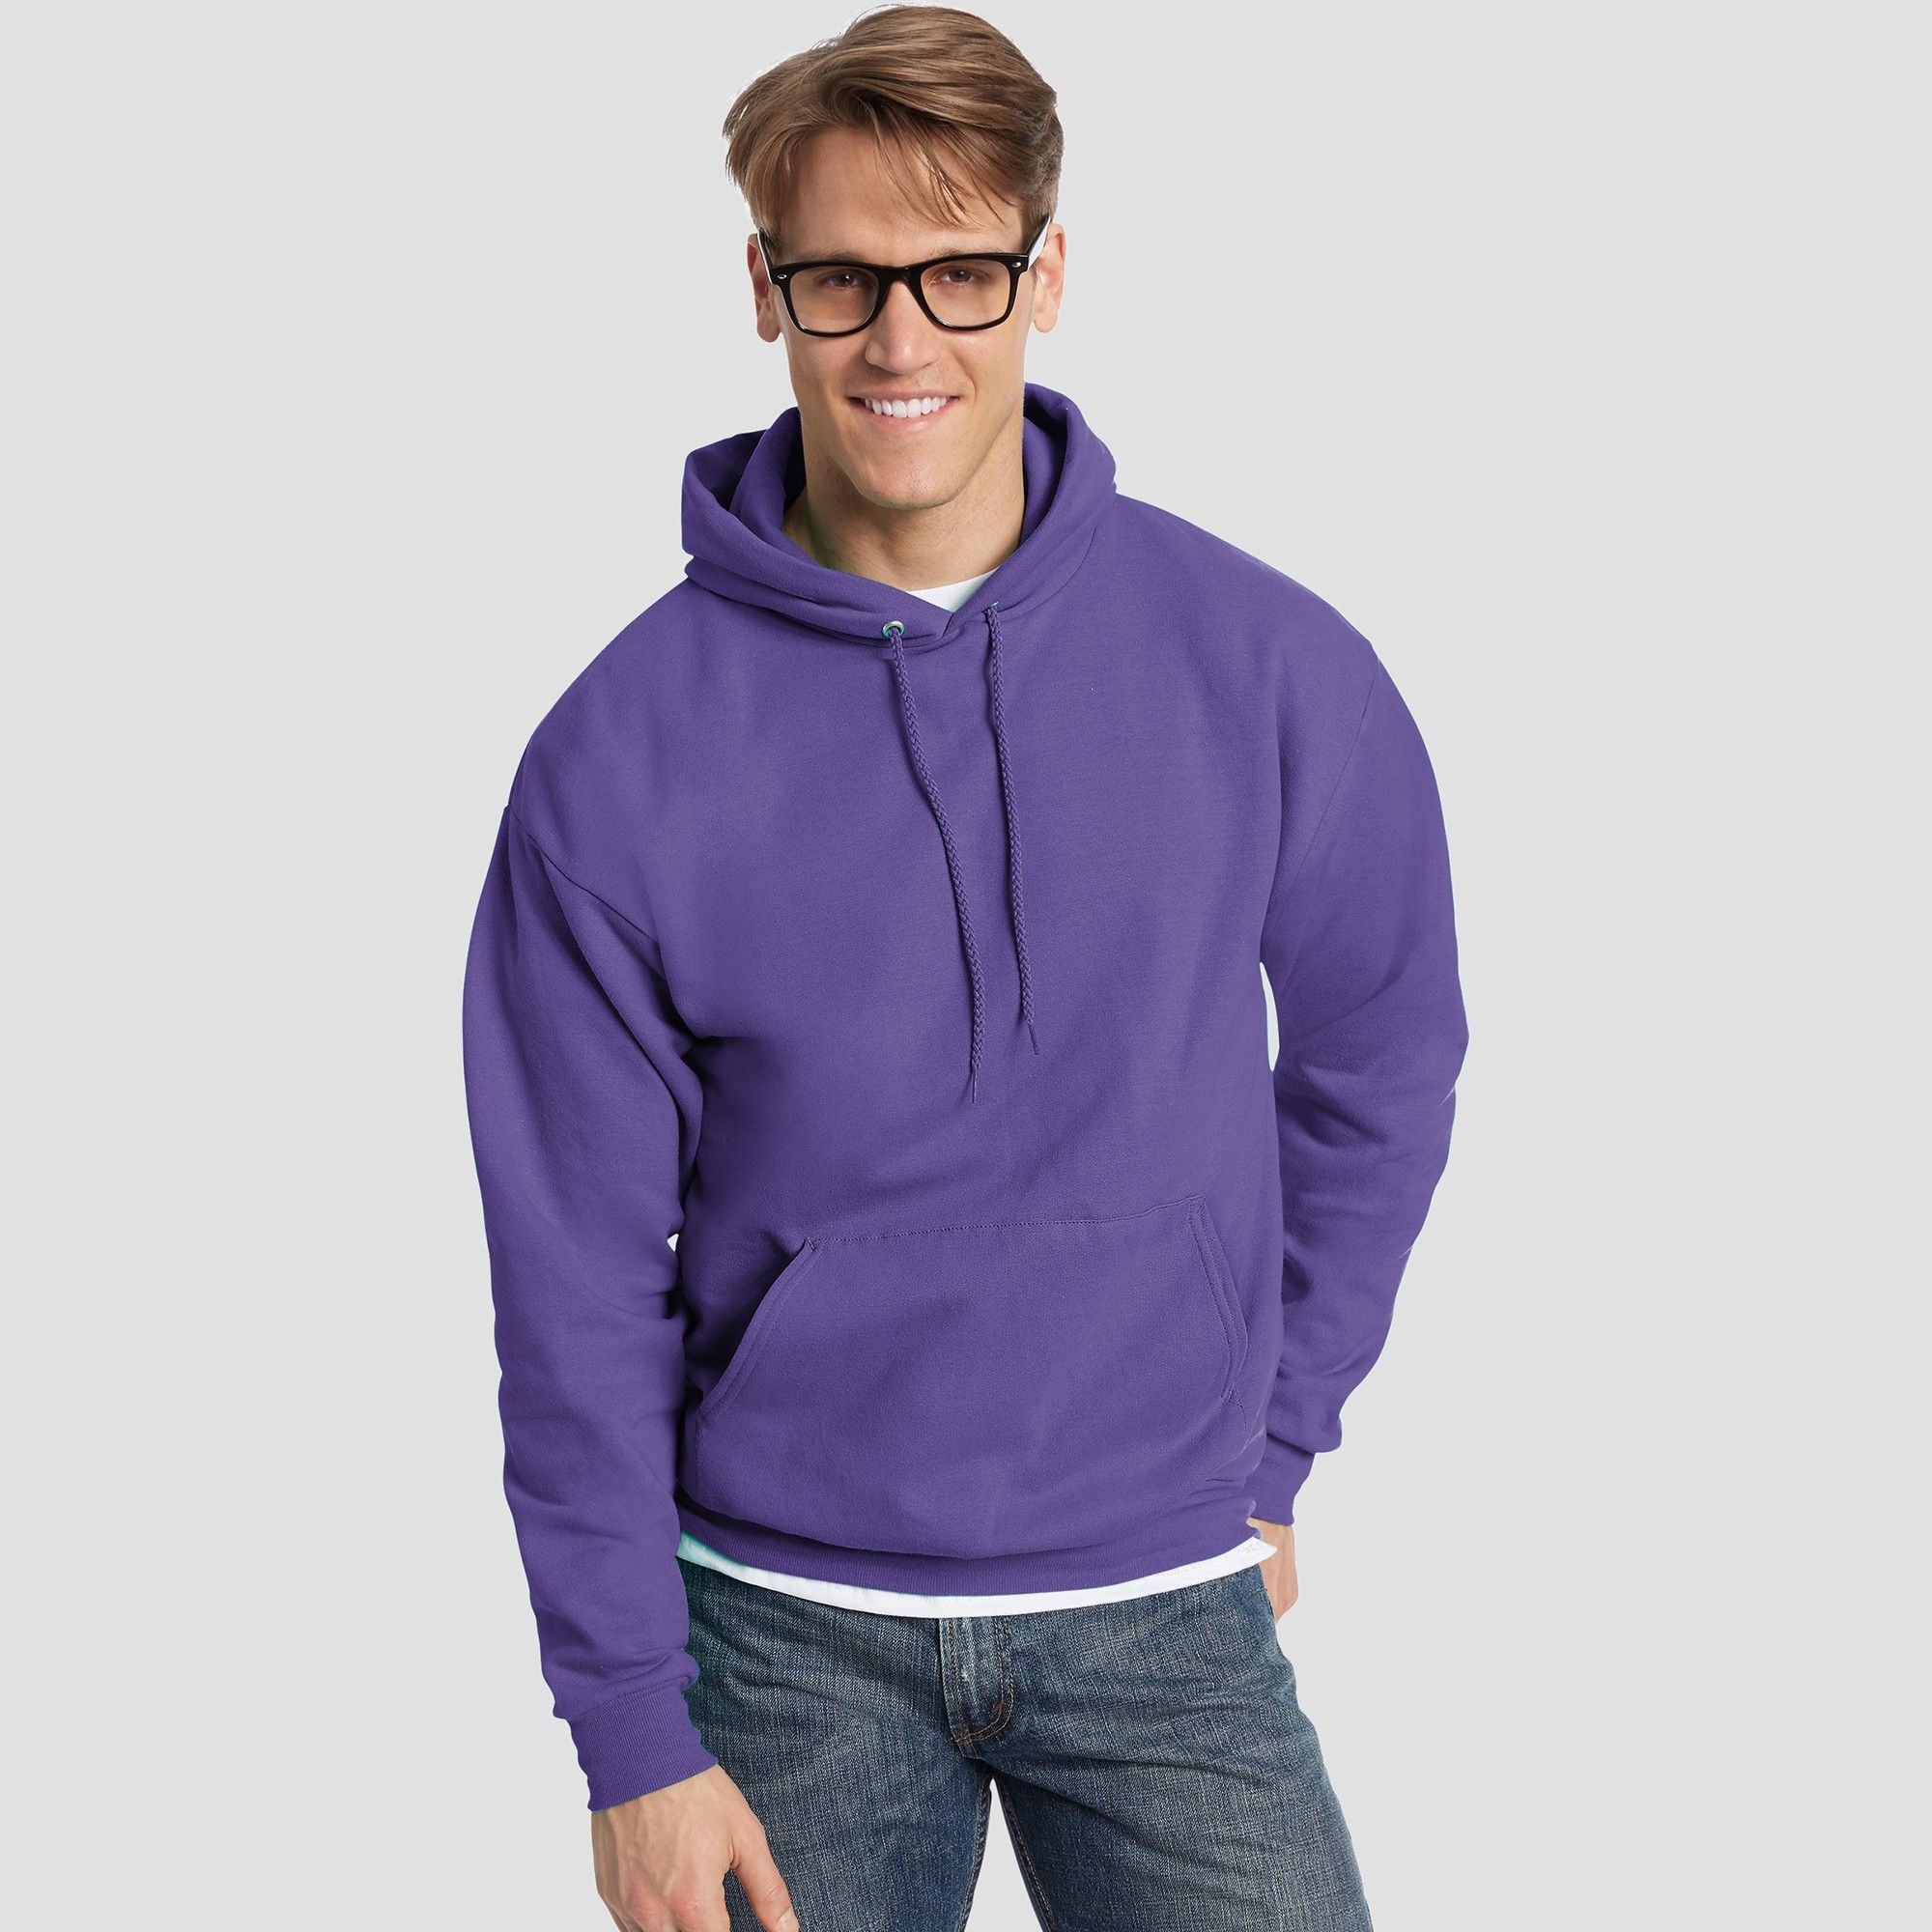 6f2fc31e Hanes Men's EcoSmart Fleece Pullover Hooded Sweatshirt - Purple 2XL ...